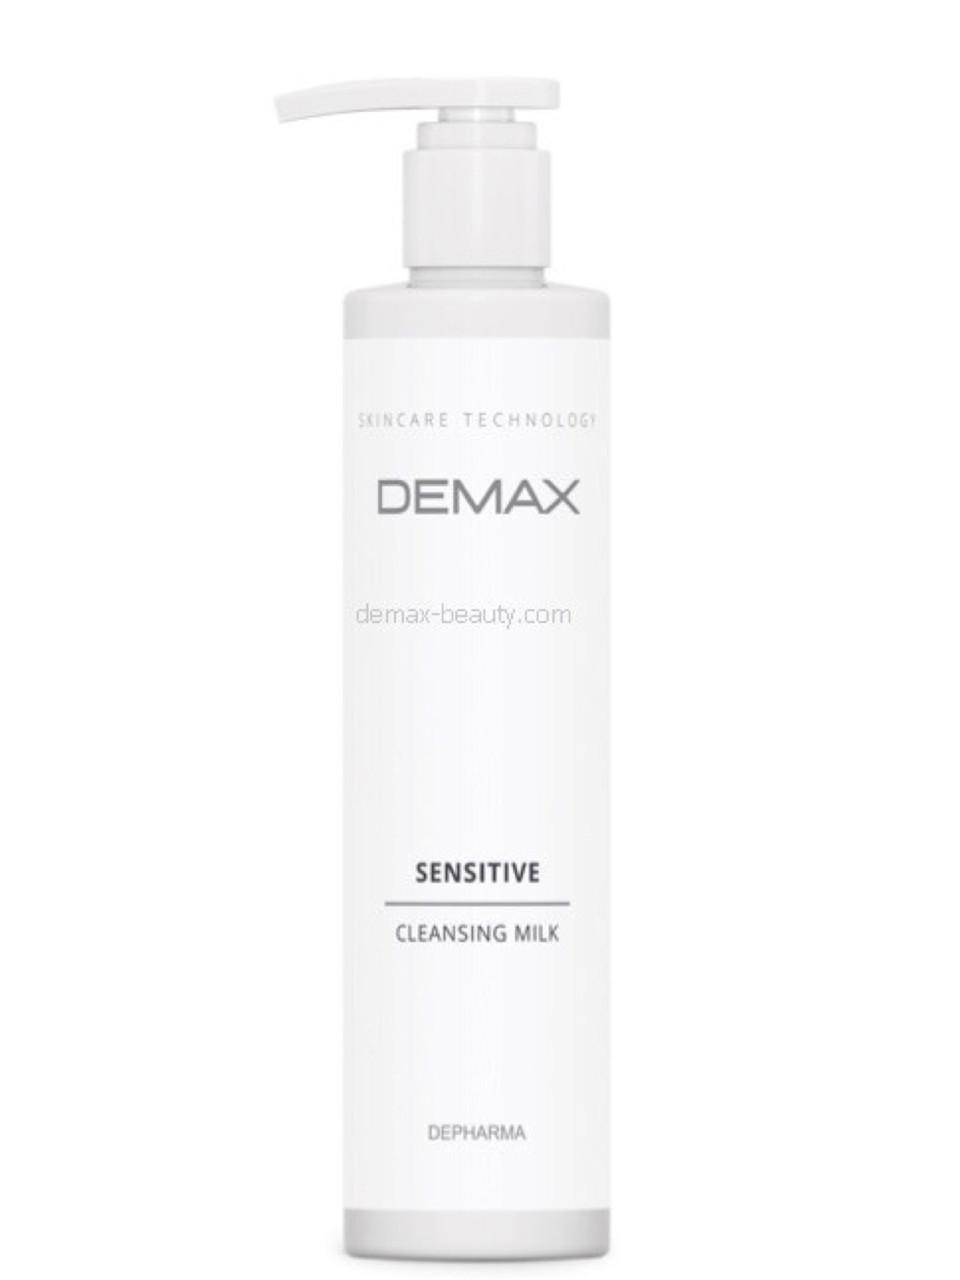 Очищающее молочко для чувствительной кожи Demax Sensitive cleansing milk 250ml арт.185-1